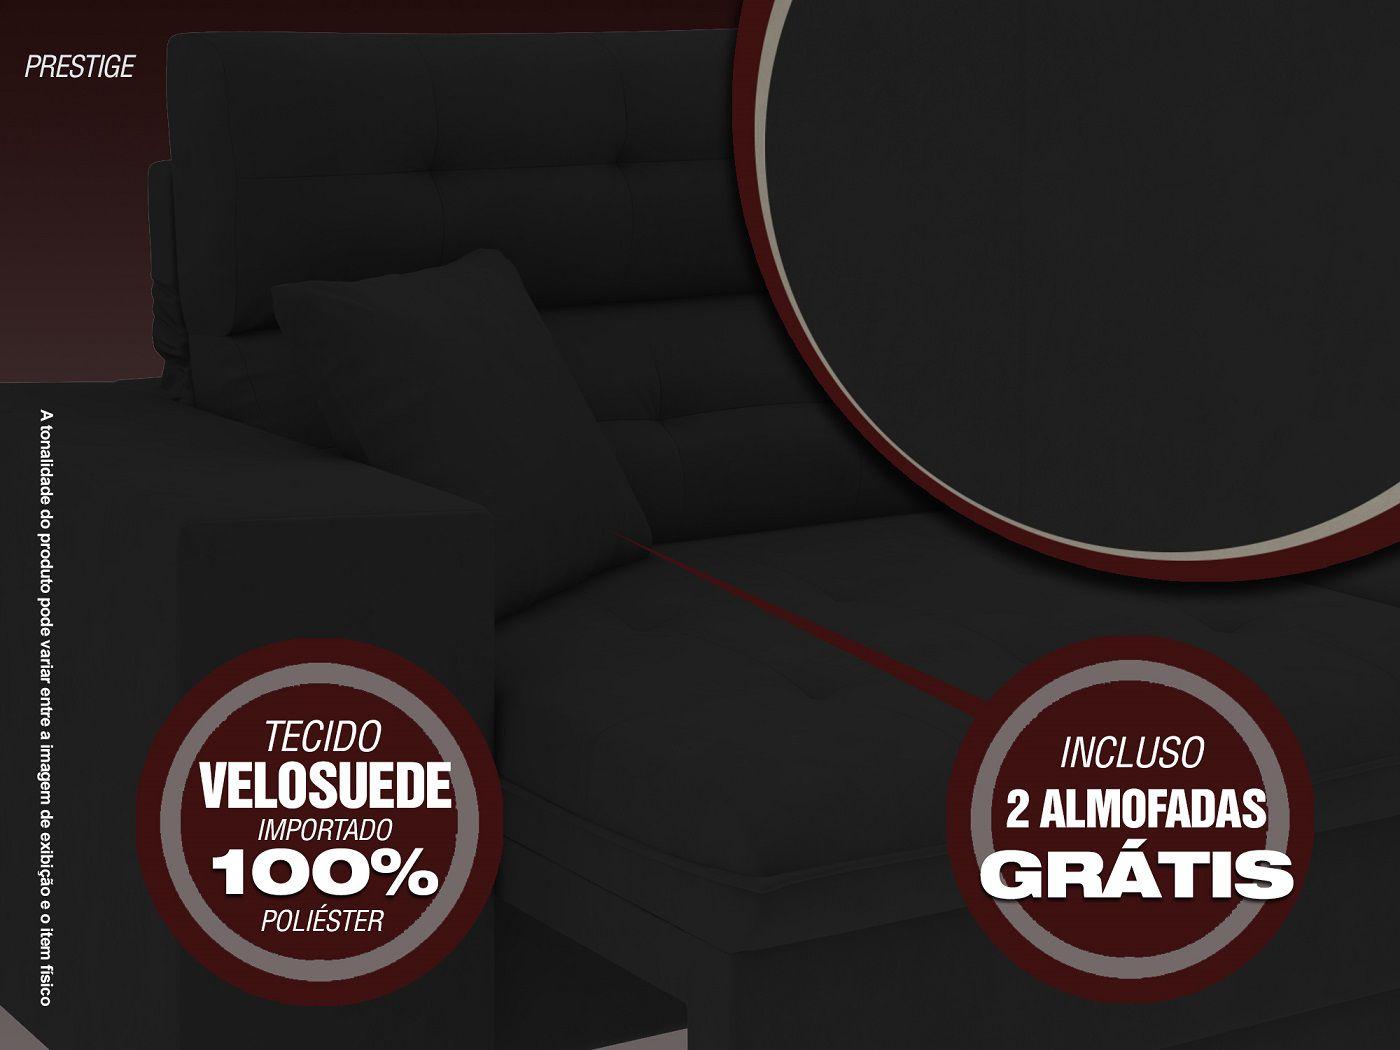 Sofá 5 Lugares Net Prestige Assento Retrátil e Reclinável Preto 2,50m (L)